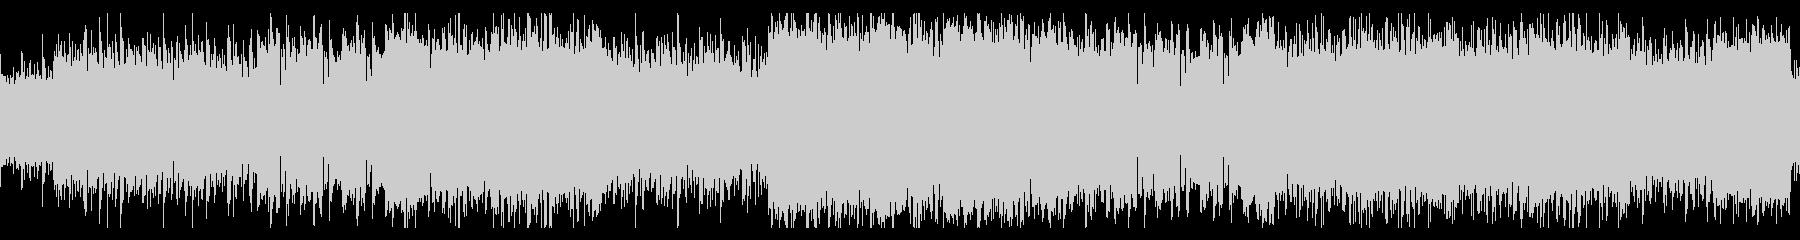 キャロルオブザベルのDnB風アレンジの未再生の波形